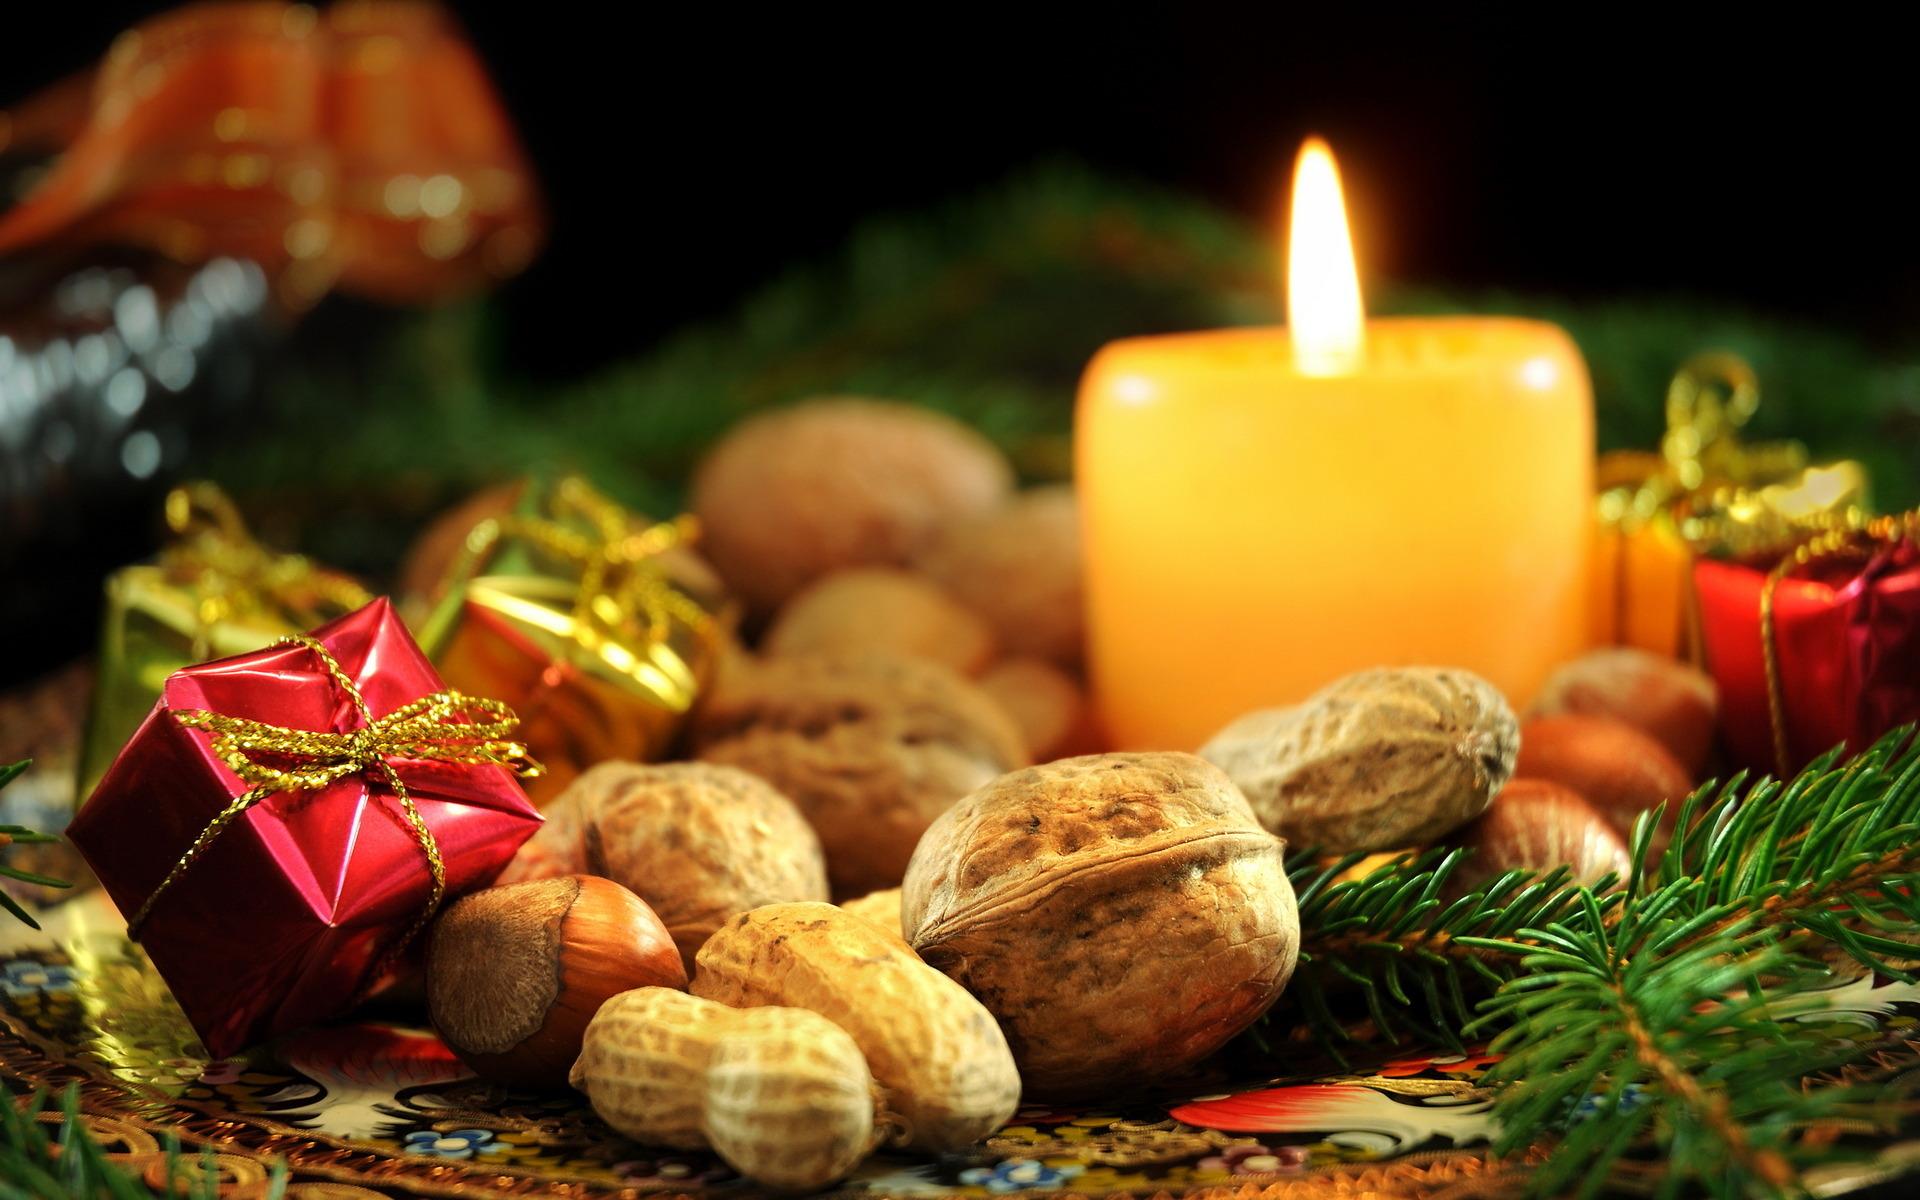 подарки новый год свечи корзинка gifts new year candles basket скачать